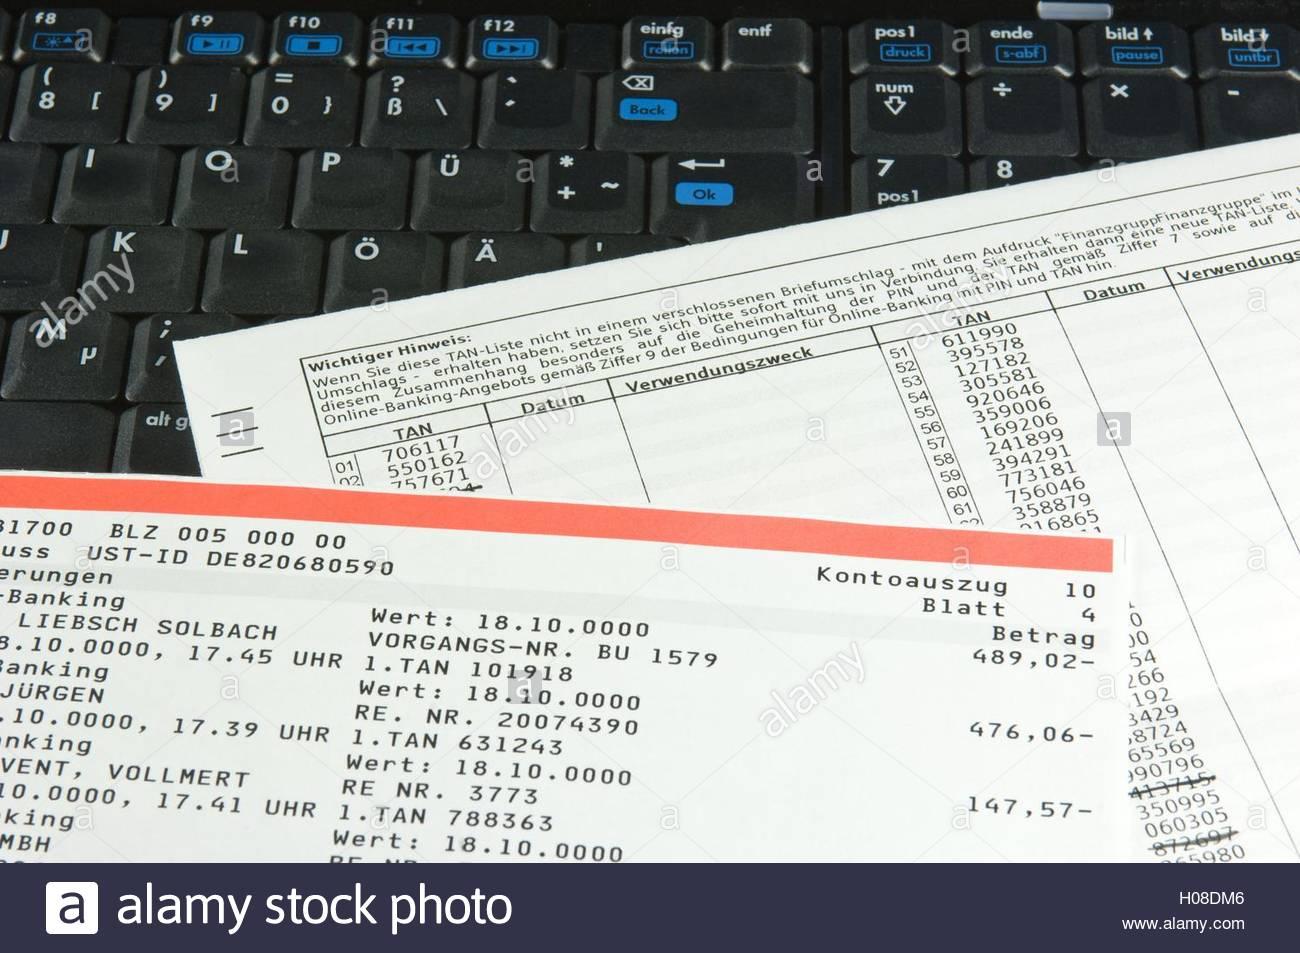 BLWX050557 [ (c) blickwinkel/McPHOTOx/Harld Richter Tel. +49 (0)2302-2793220, E-mail: info@blickwinkel.de, Internet: - Stock Image